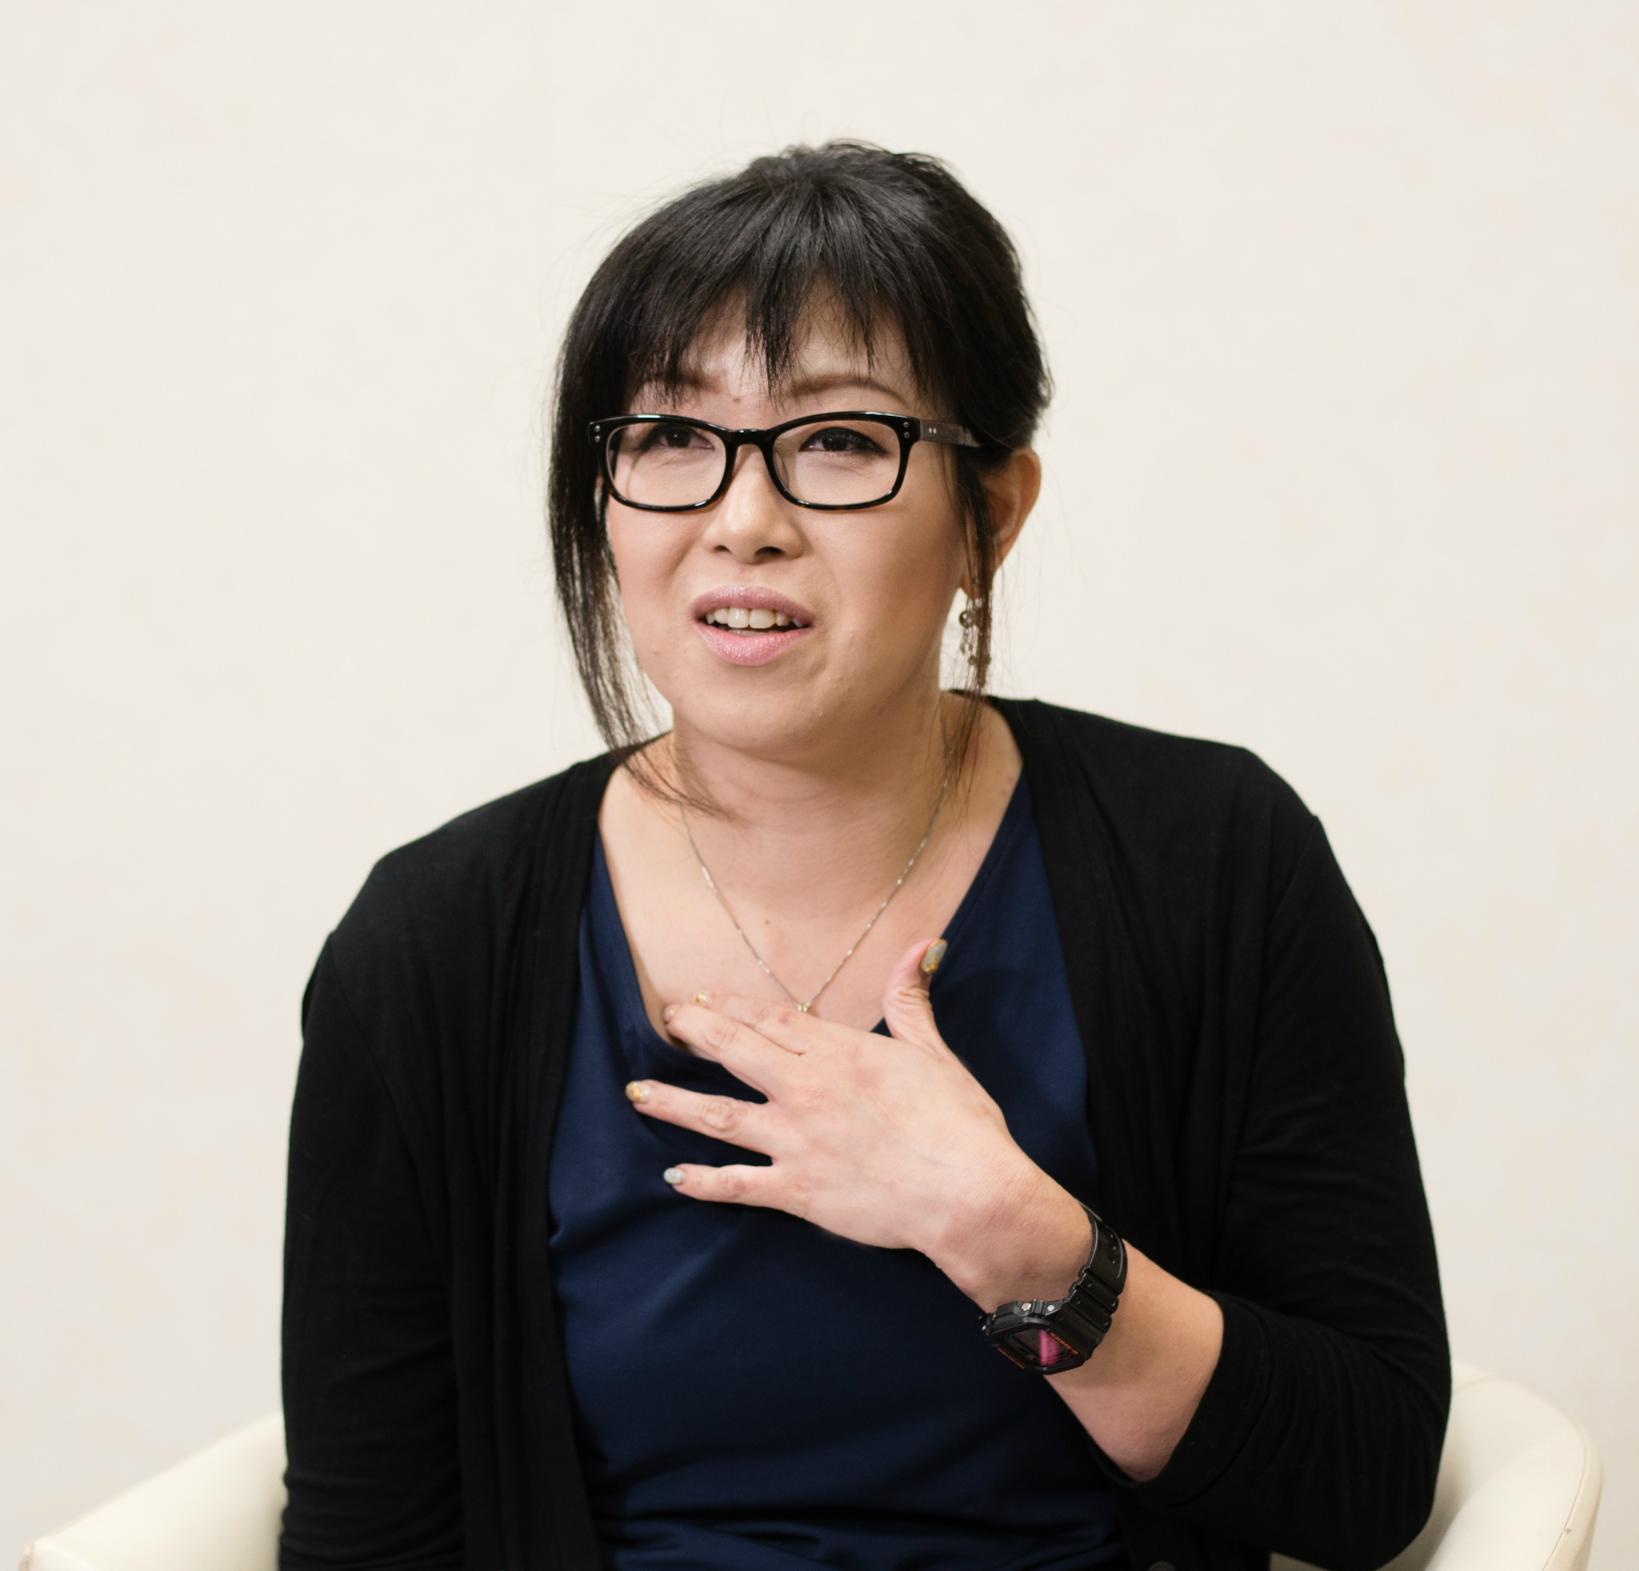 「近況などを聞きながら、復職に関する相談なども受けていきたいと思っています」(田中さん)